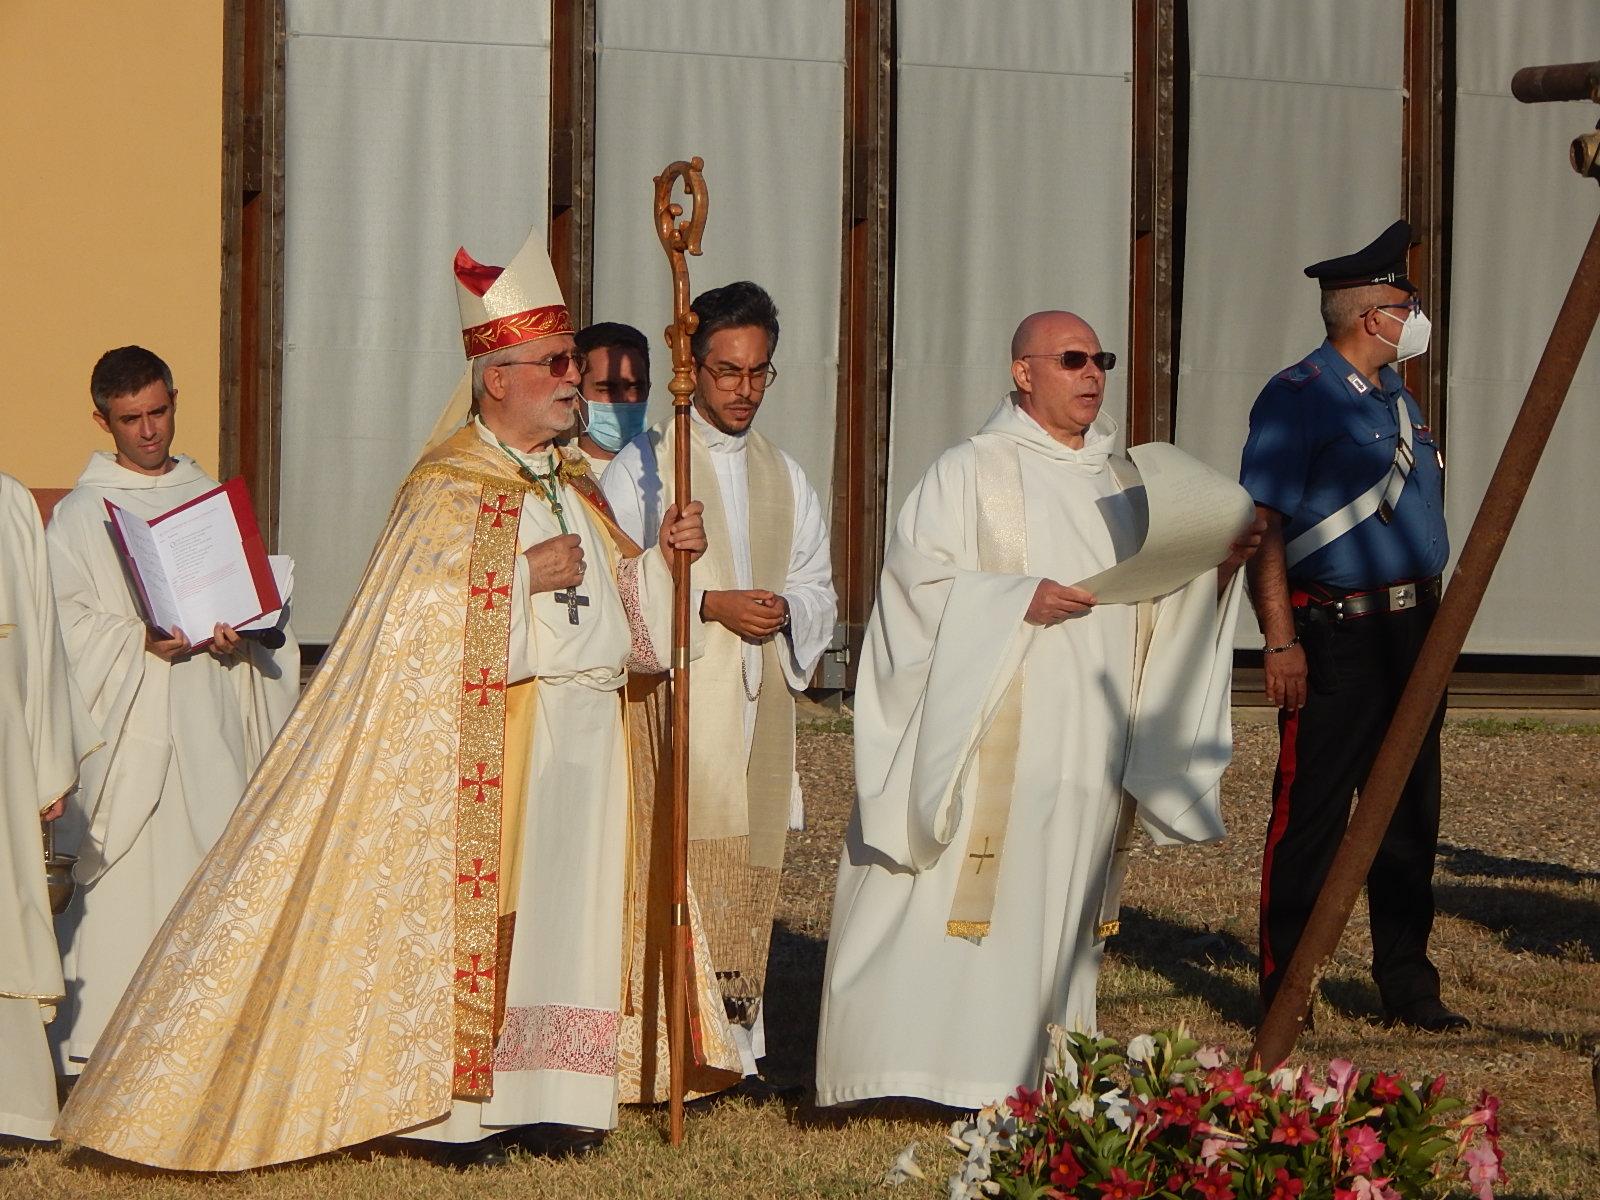 diocesi-di-grosseto-benedetta-la-prima-pietra-della-chiesa-del-monastero-di-Siloe